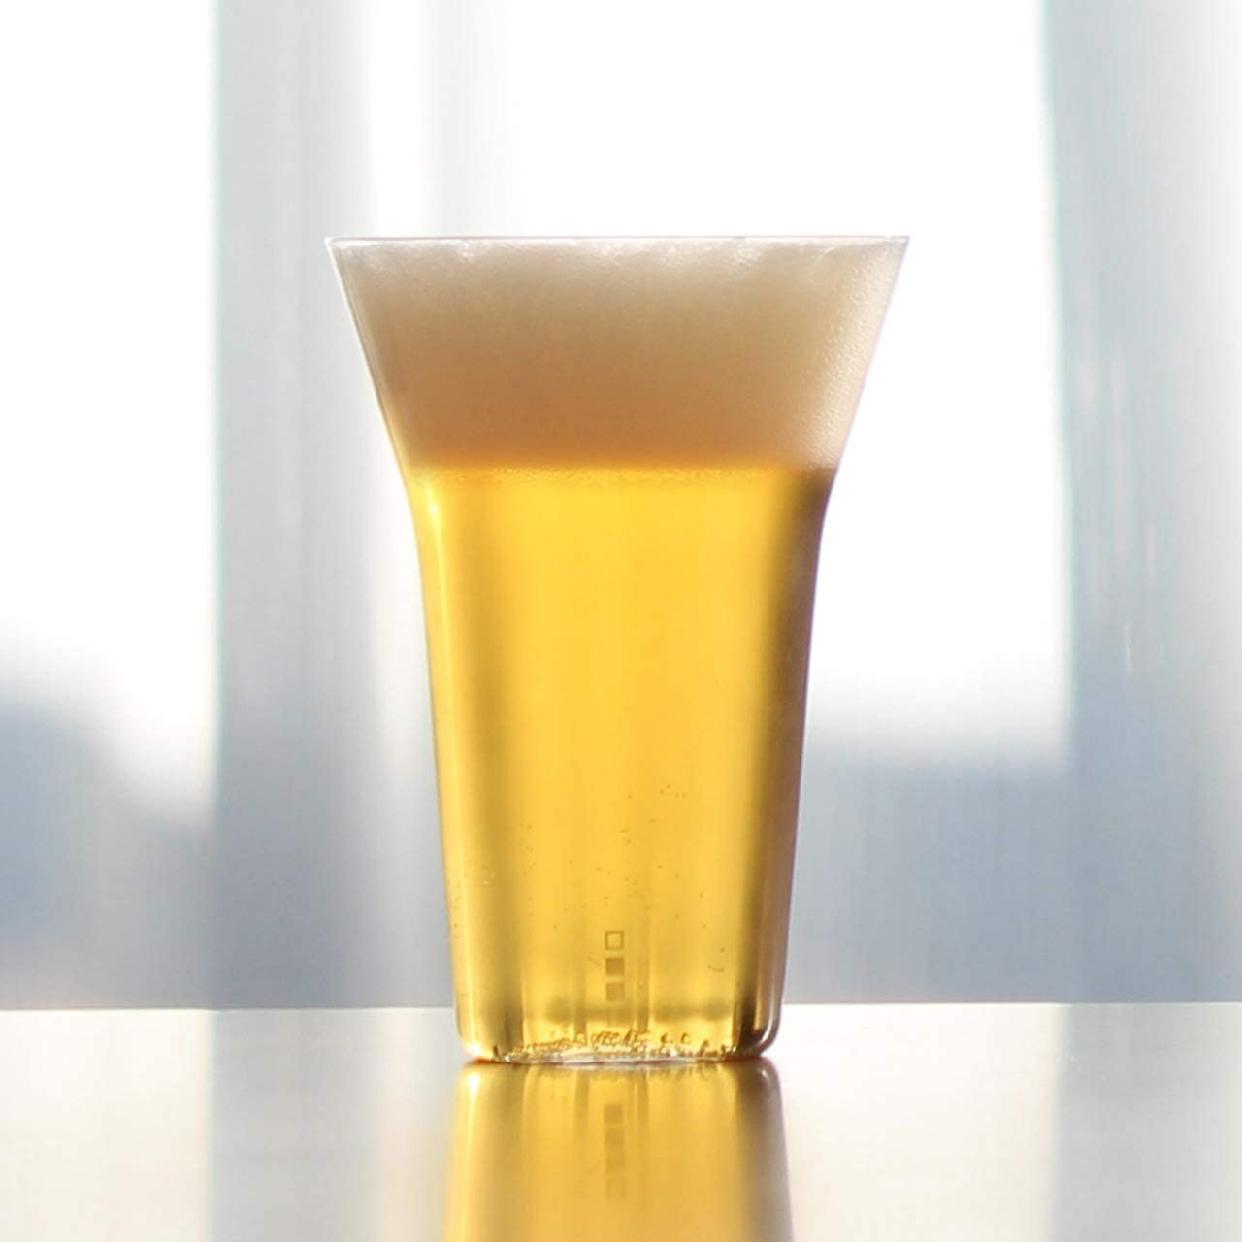 生涯を添い遂げるグラス タンブラー240 うす吹き トランスペアレント(透明)国産杉箱入りの商品画像3